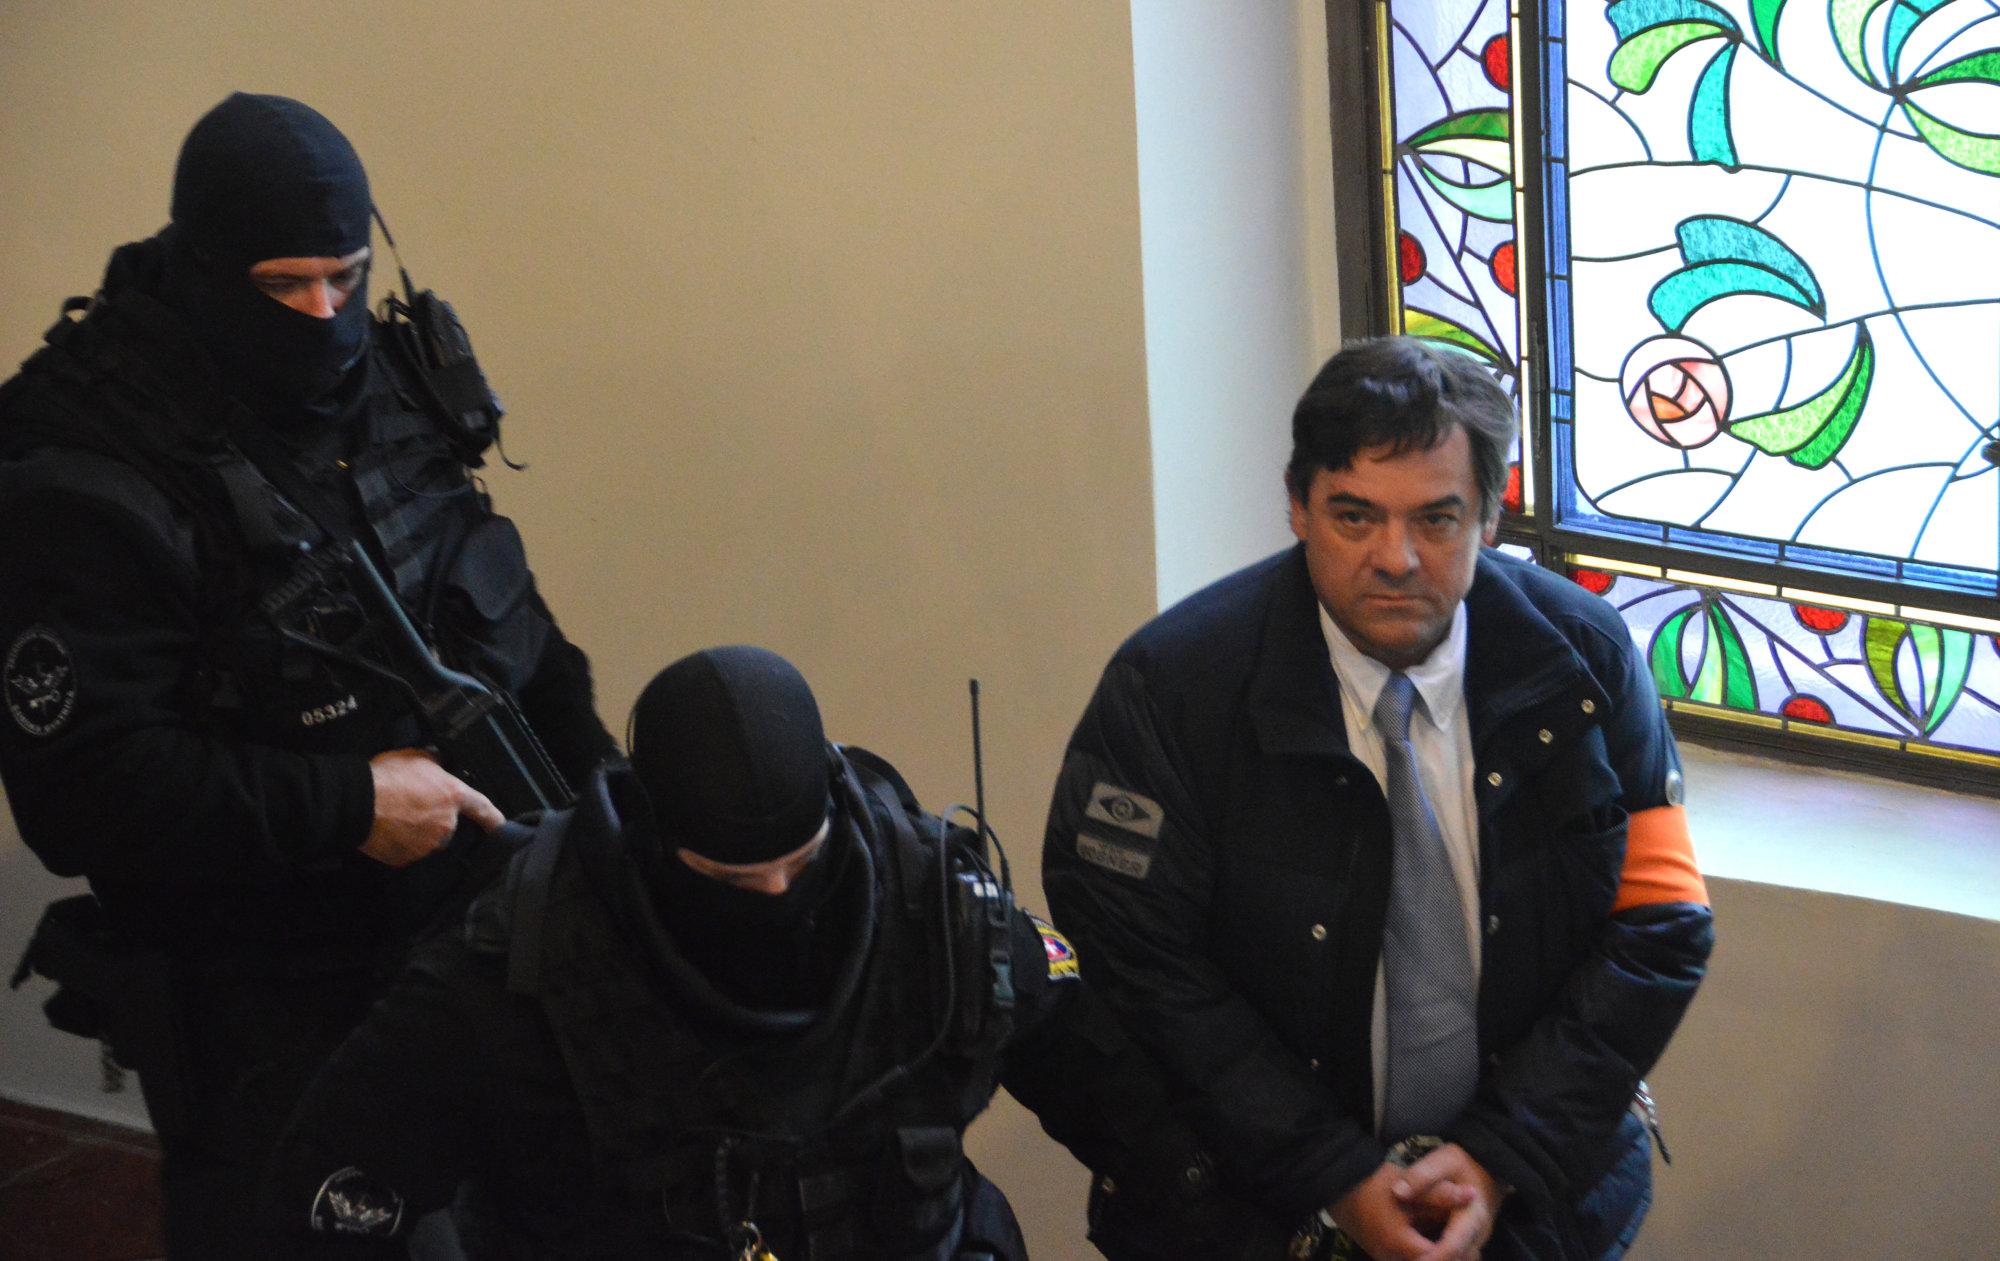 Newsfilter: Kočner aj Bašternák zvažovali útek, na Slovensku však zostali – každý z iného dôvodu – Denník N